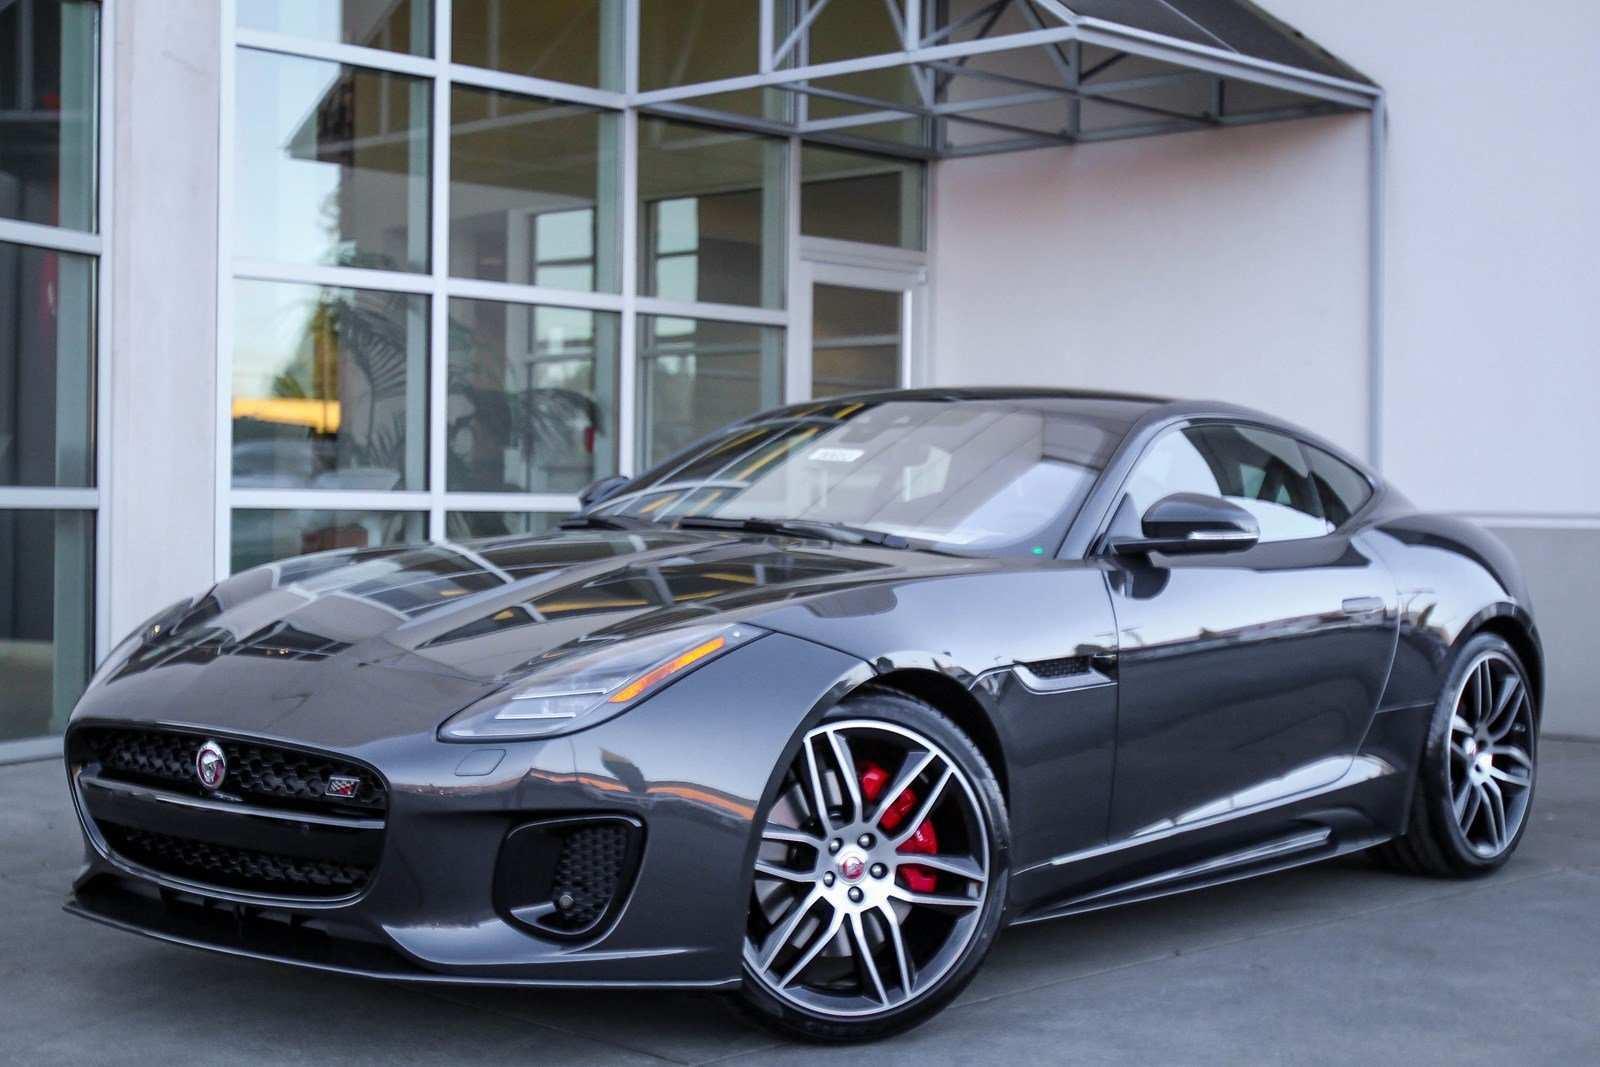 78 Concept of Jaguar F Type 2020 Spy Shoot by Jaguar F Type 2020